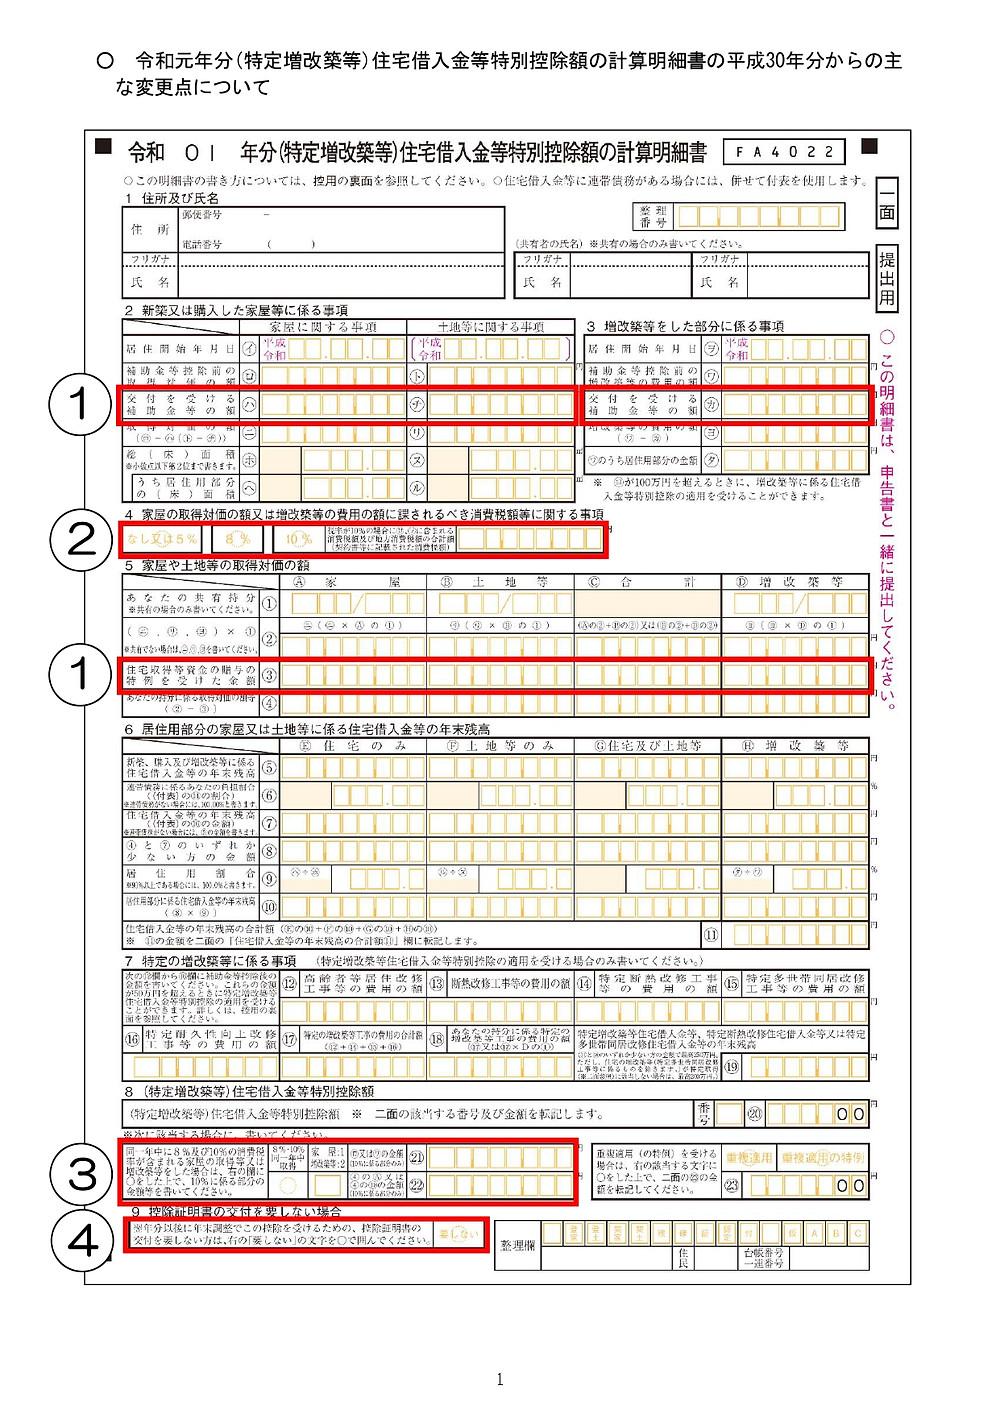 住宅 等 書 書き方 ある 場合 の の 年末 計算 残高 の 借入金 明細 が 連帯 債務